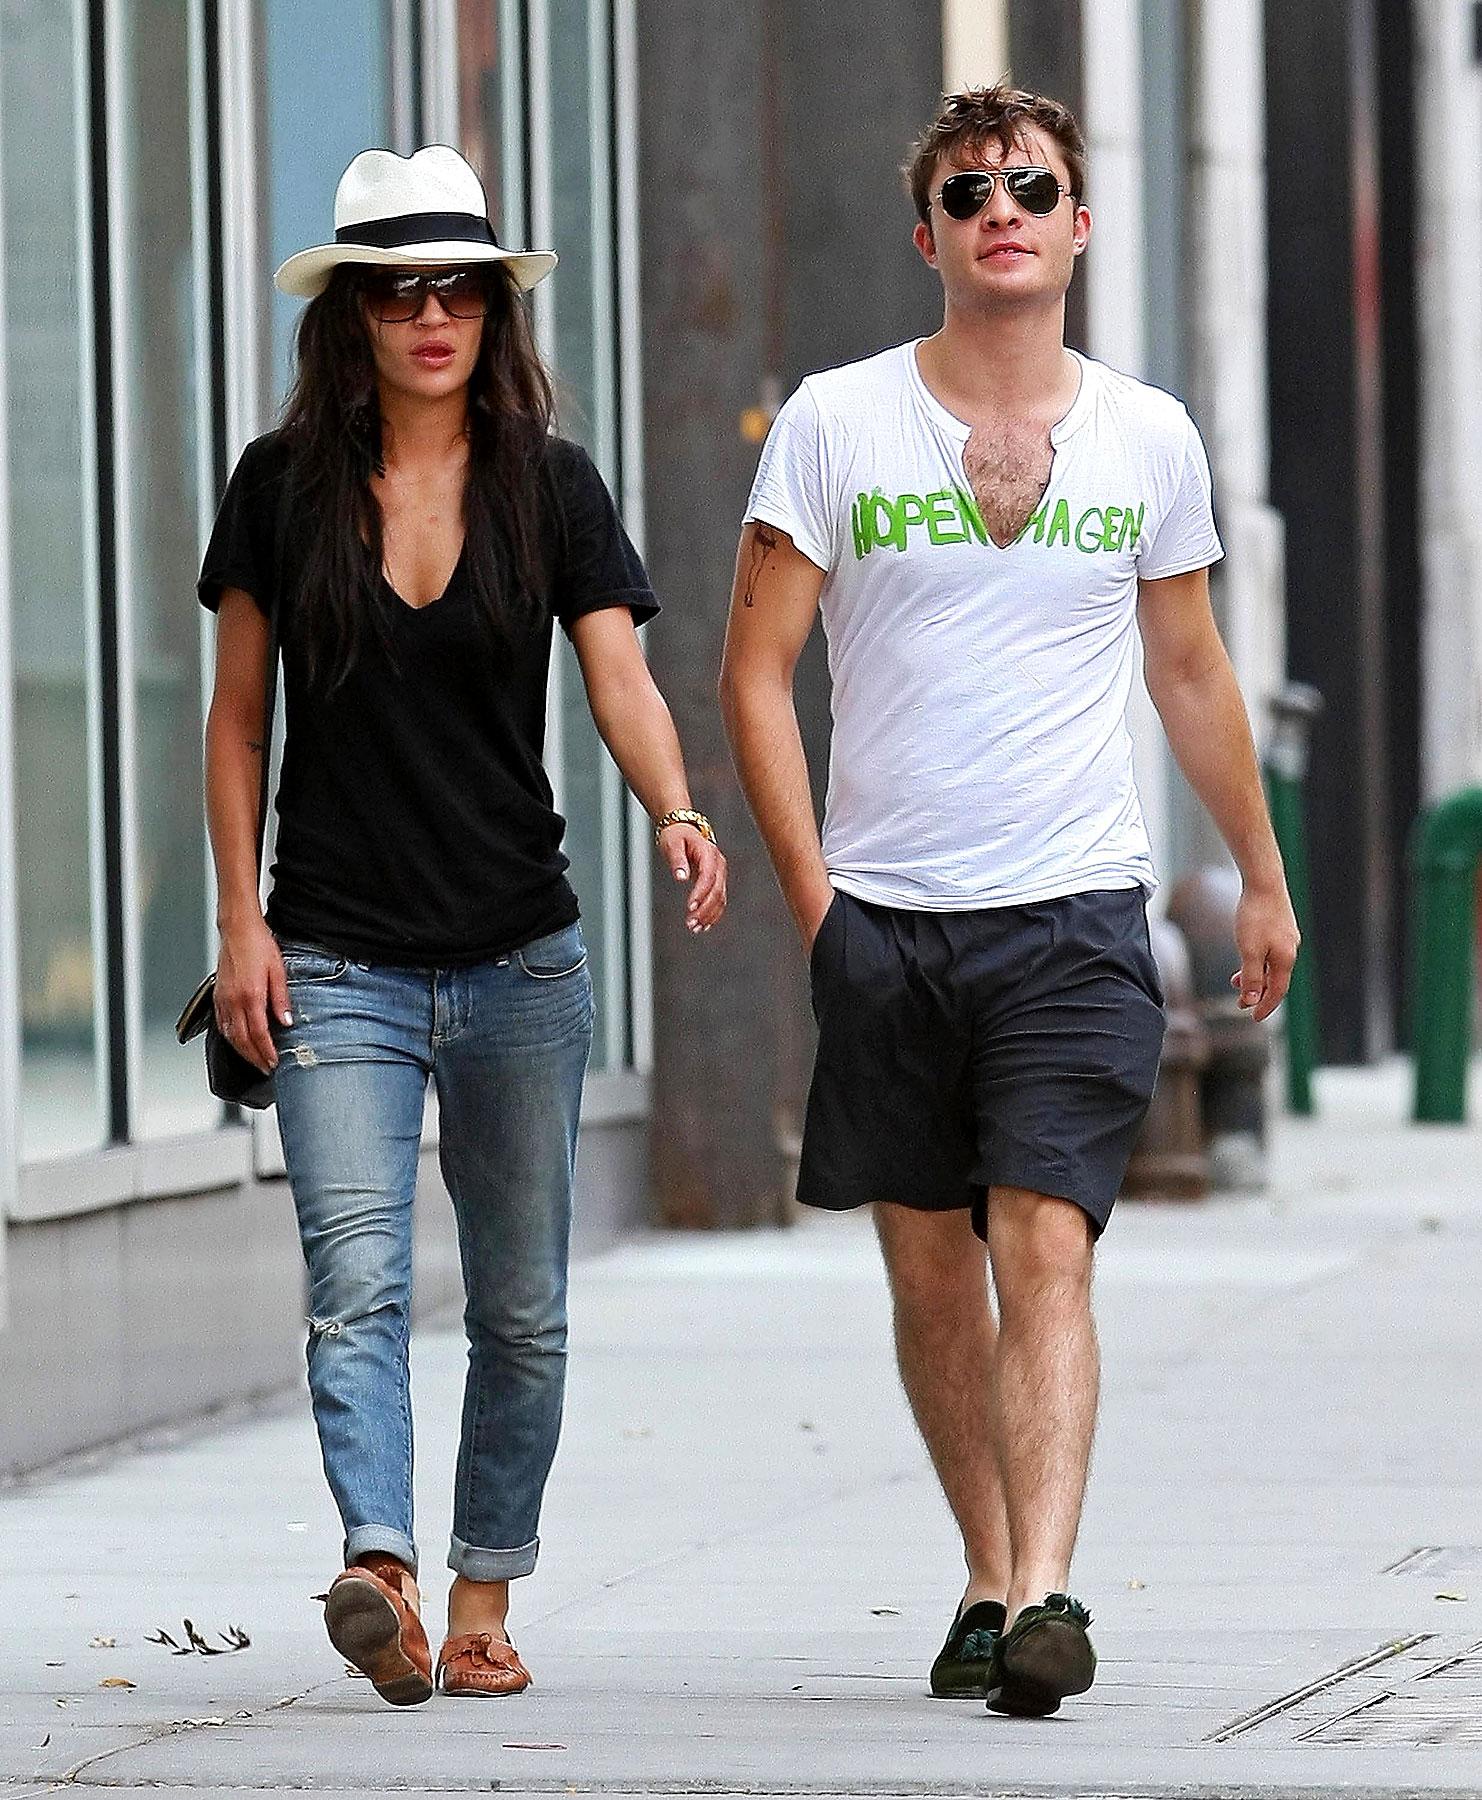 Jessica Szohr & Ed Westwick Stroll in NYC (PHOTOS)